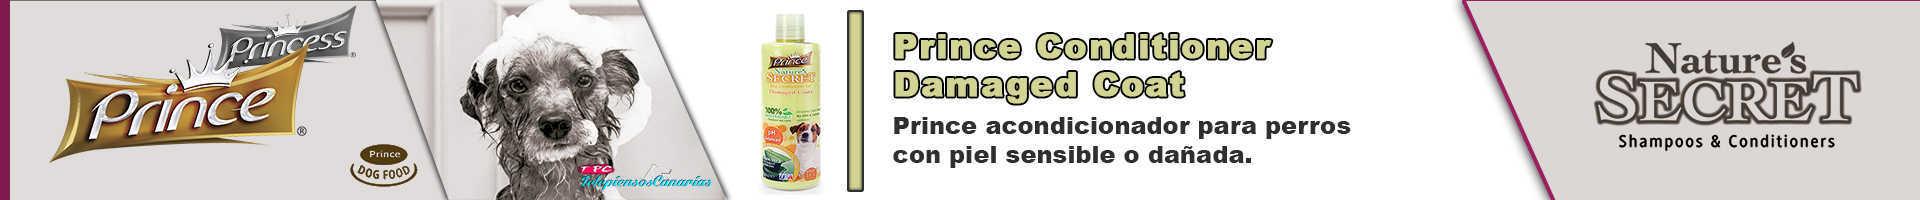 Prince acondicionador para perros con piel sensible